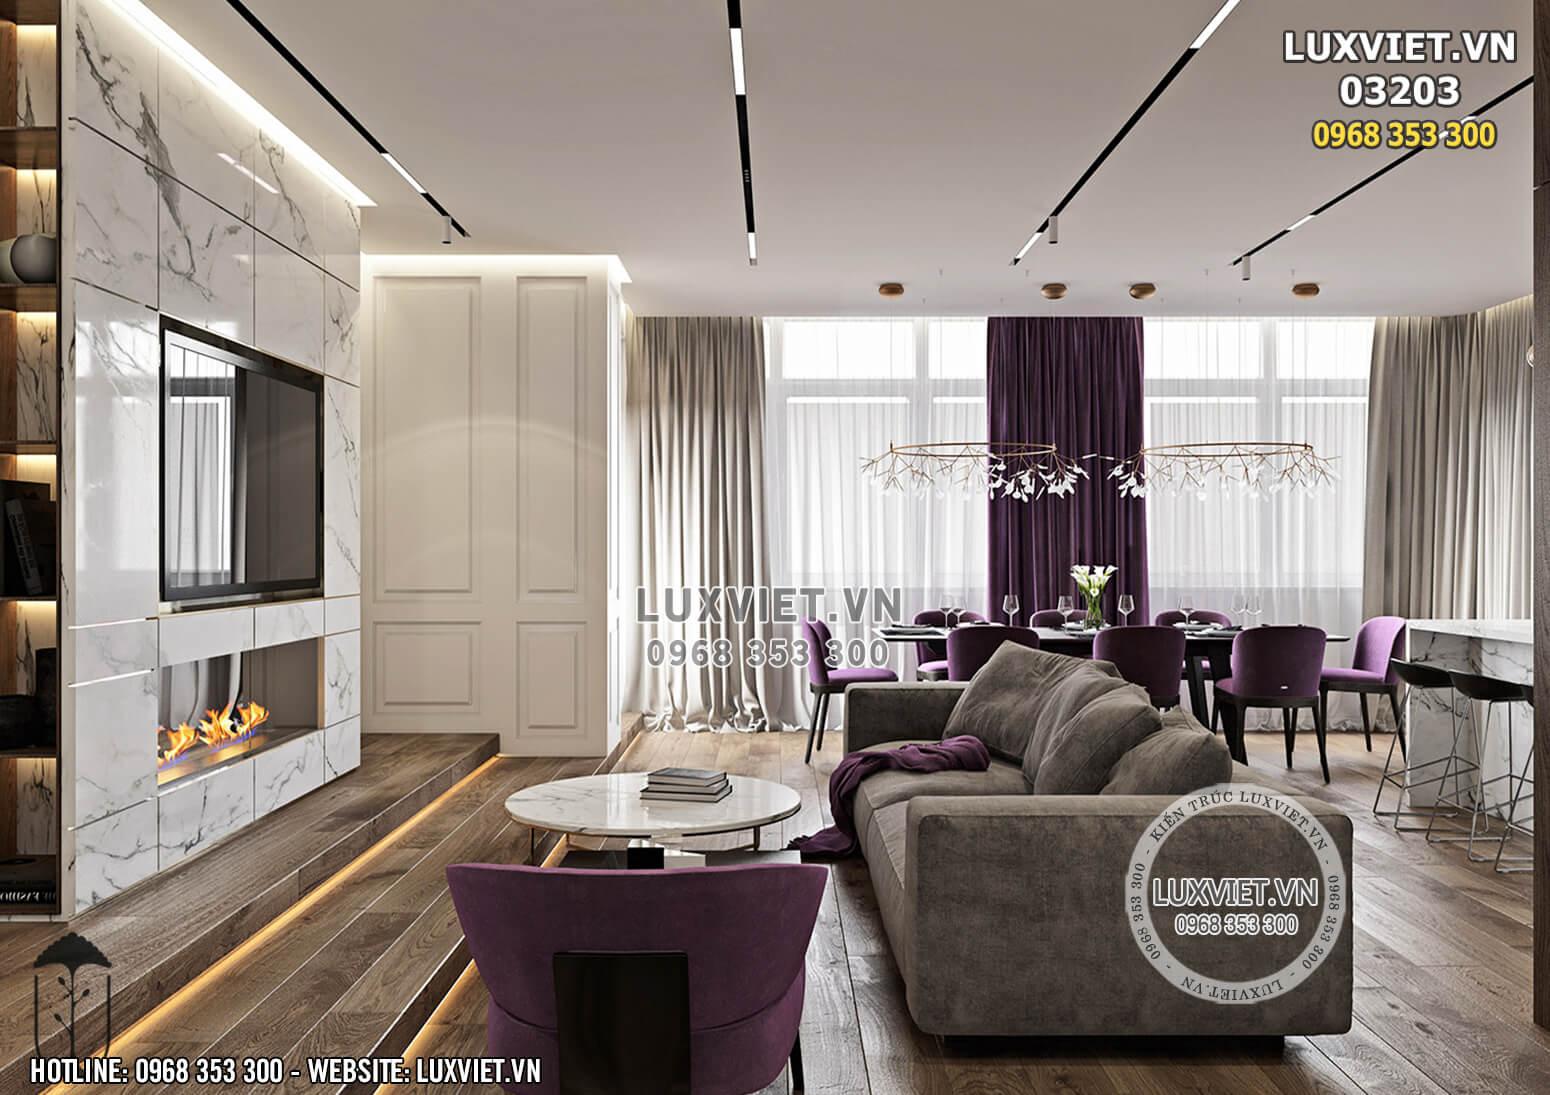 Hình ảnh: Toàn cảnh phòng khách - bếp của chung cư hiện đại - Lv 03203